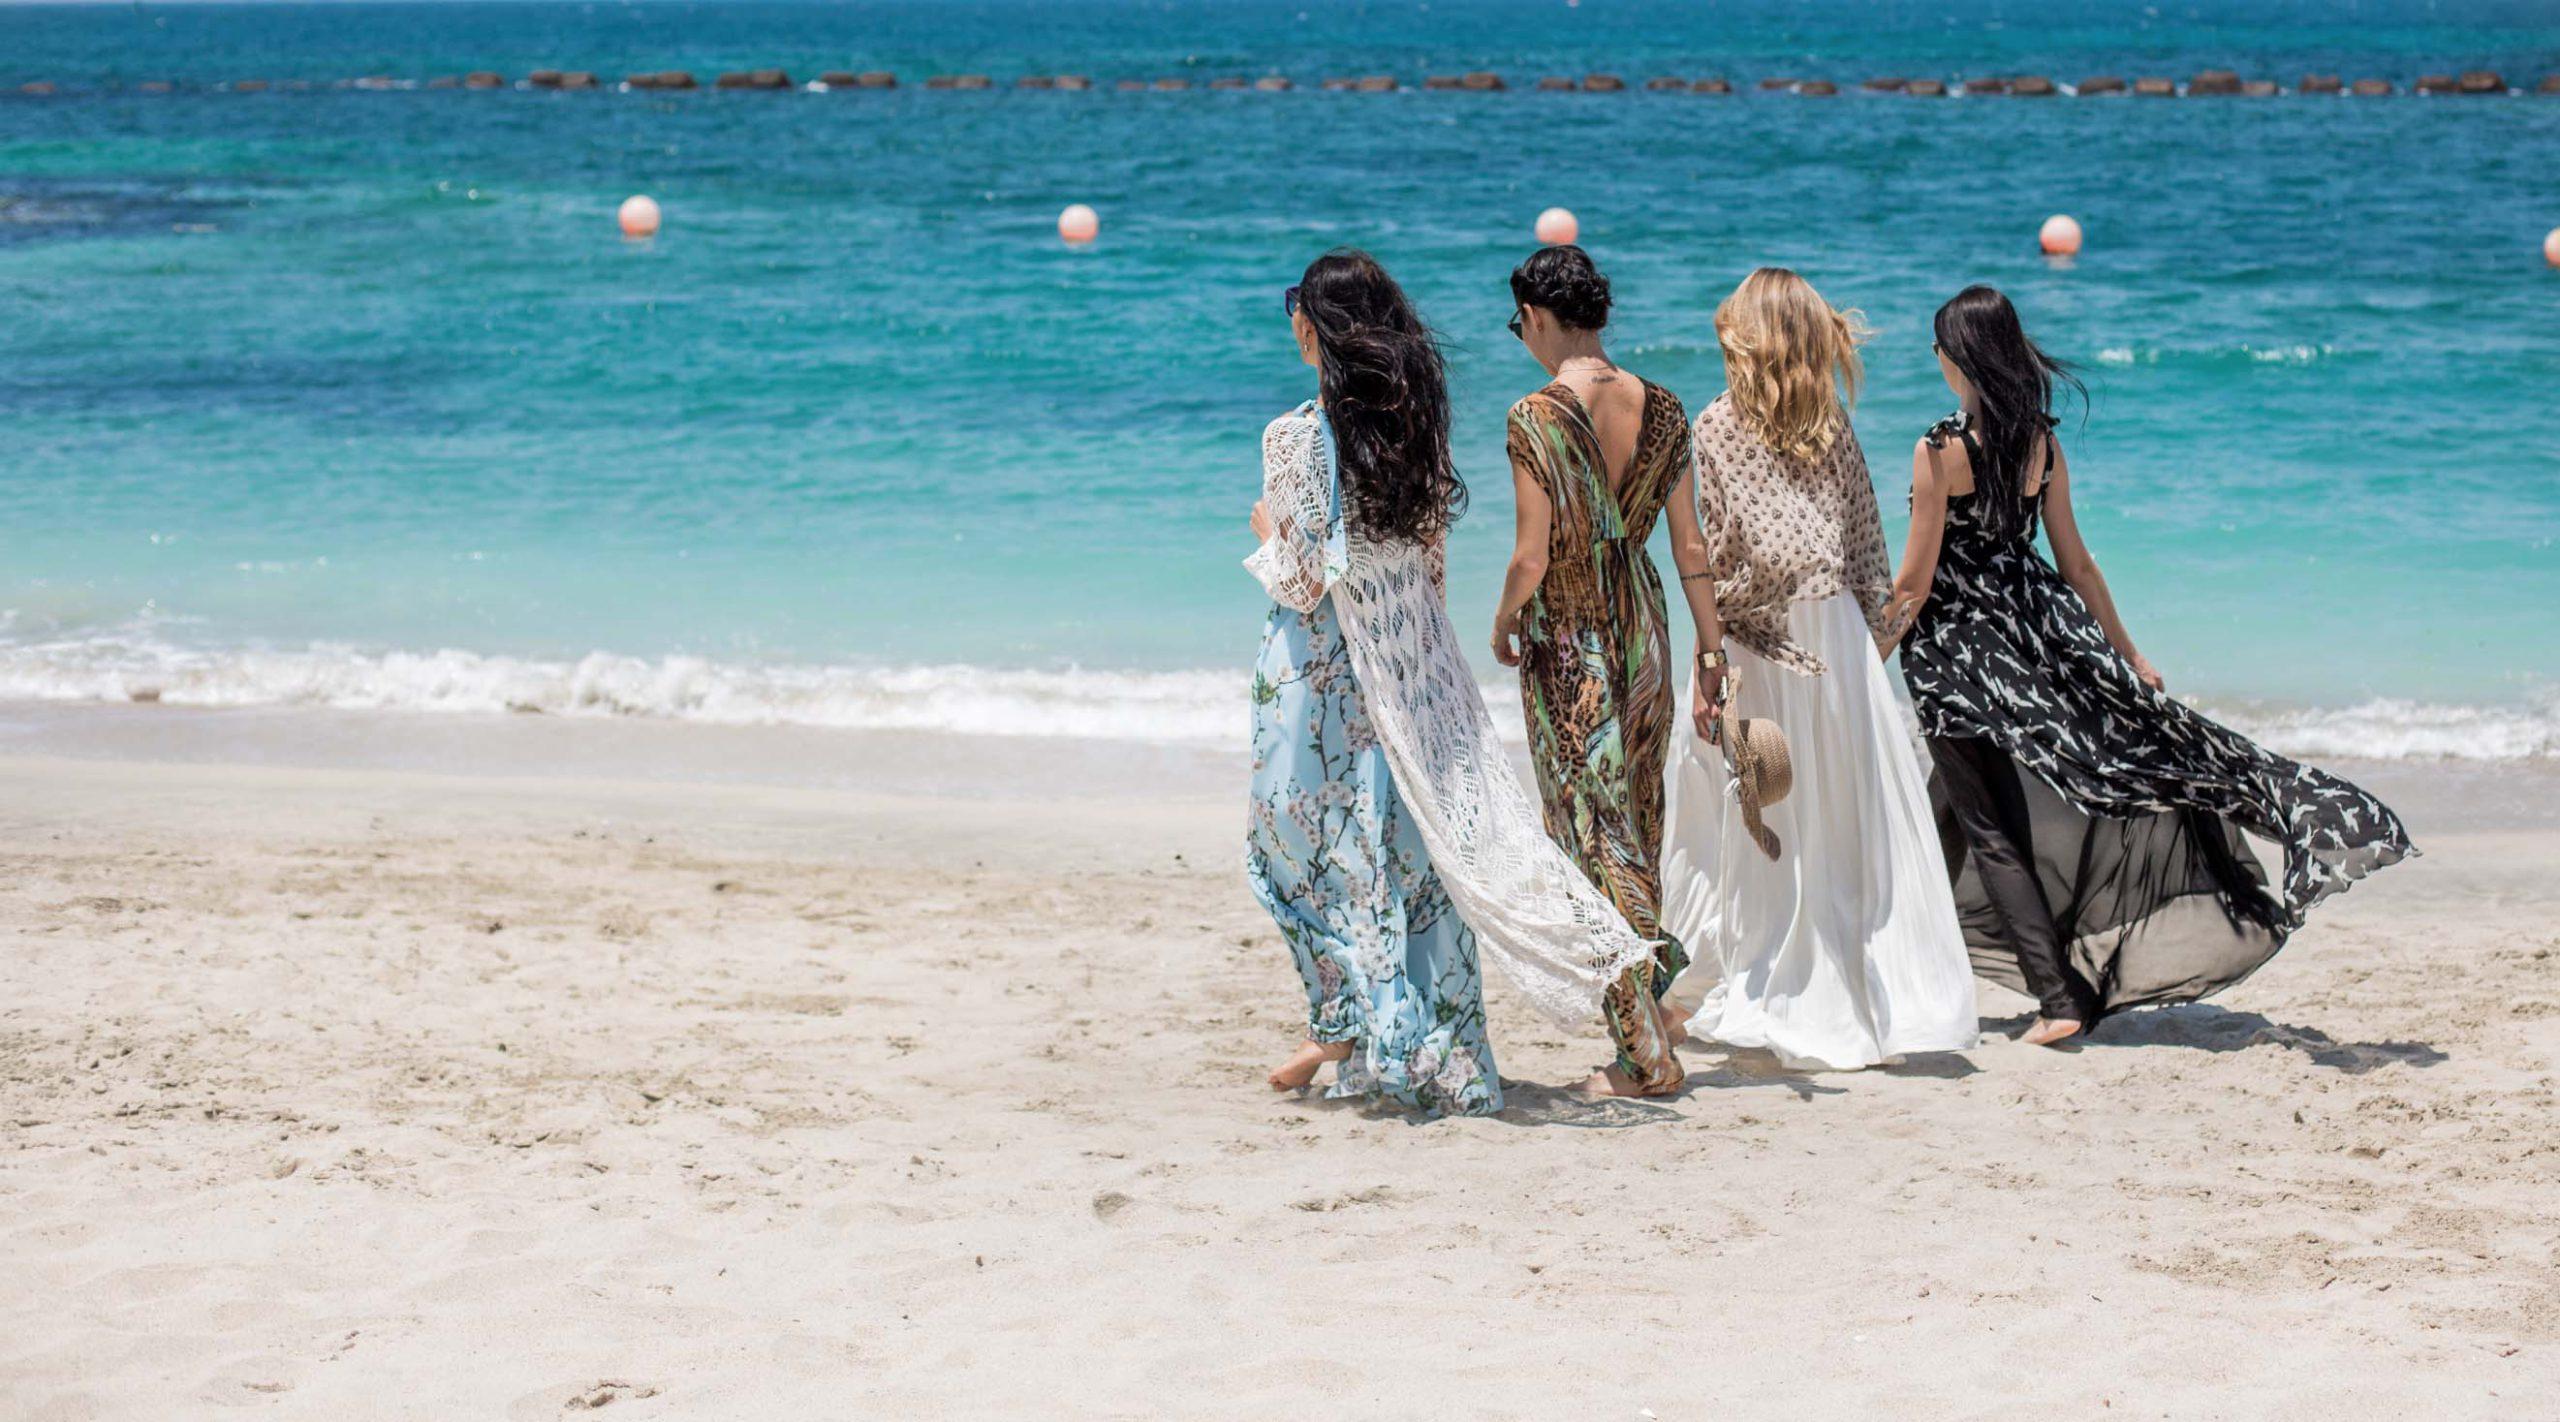 Пляжный дресс-код в ОАЭ